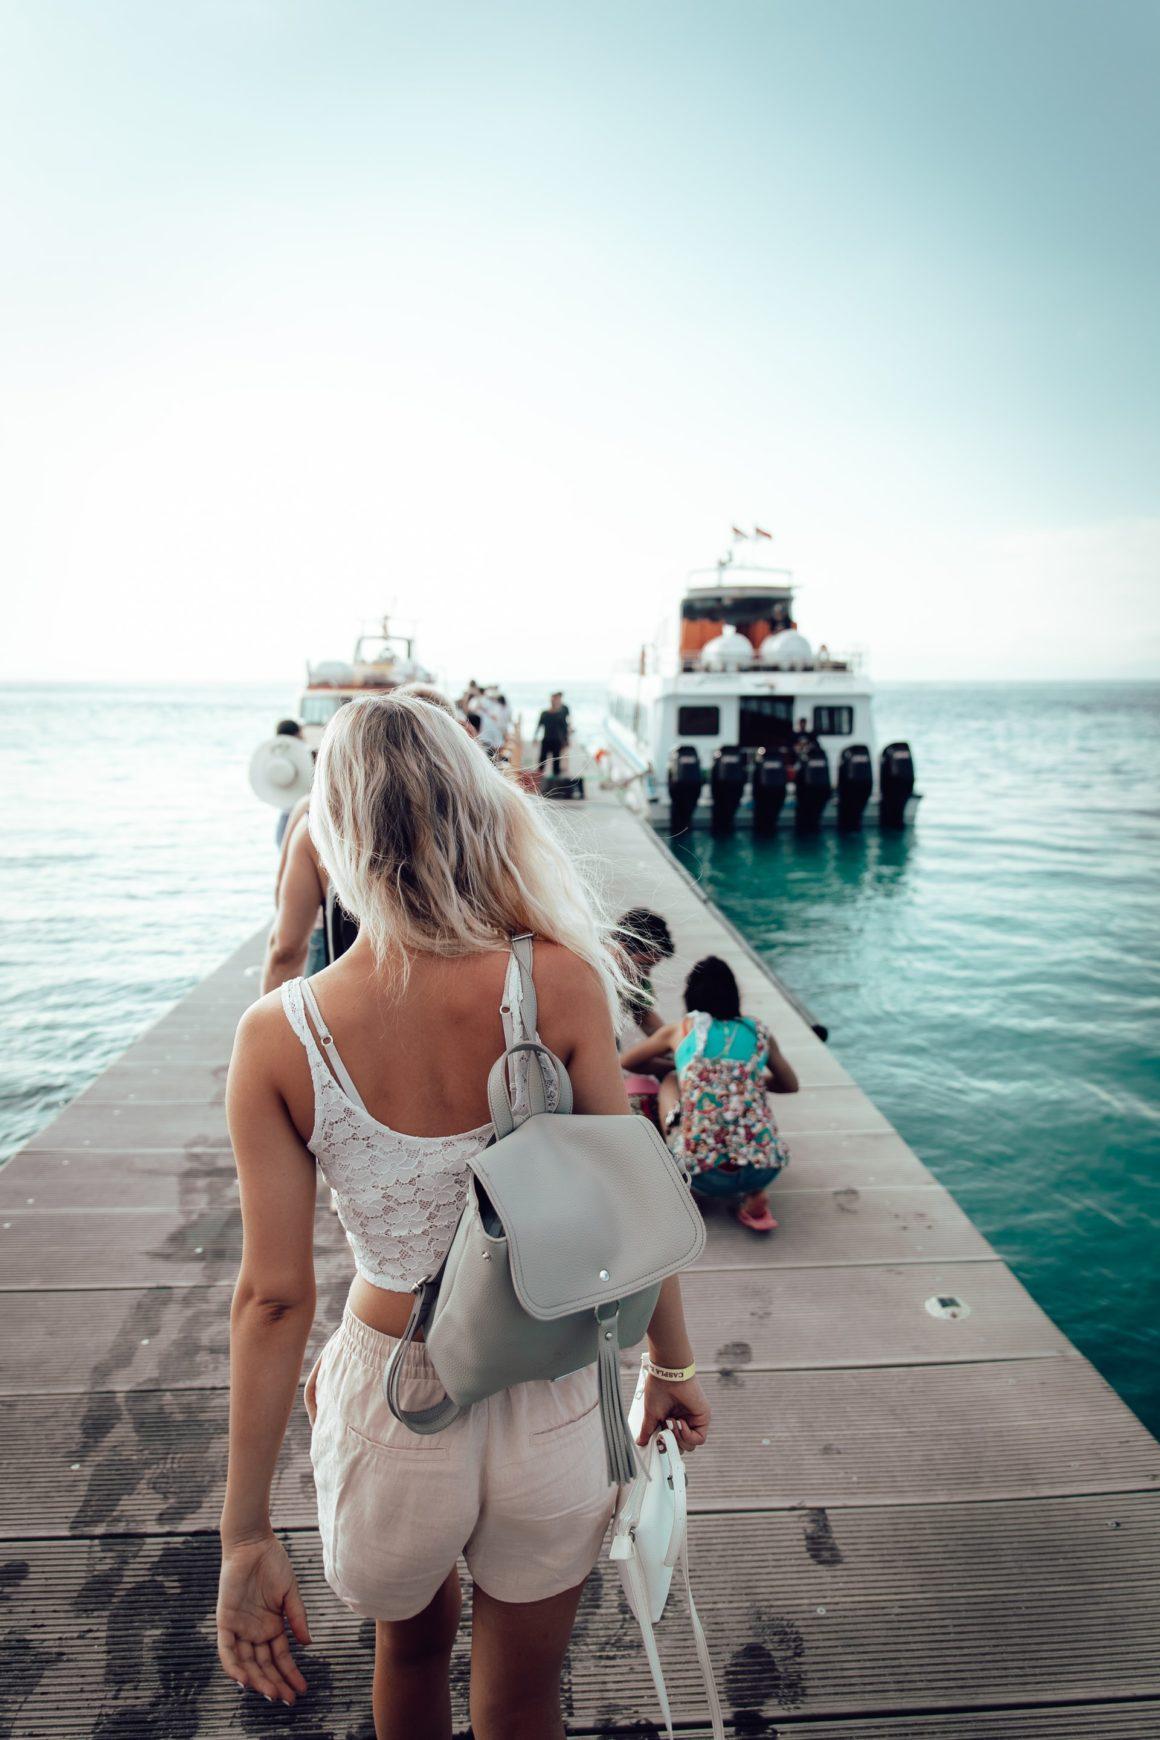 Women boarding a boat